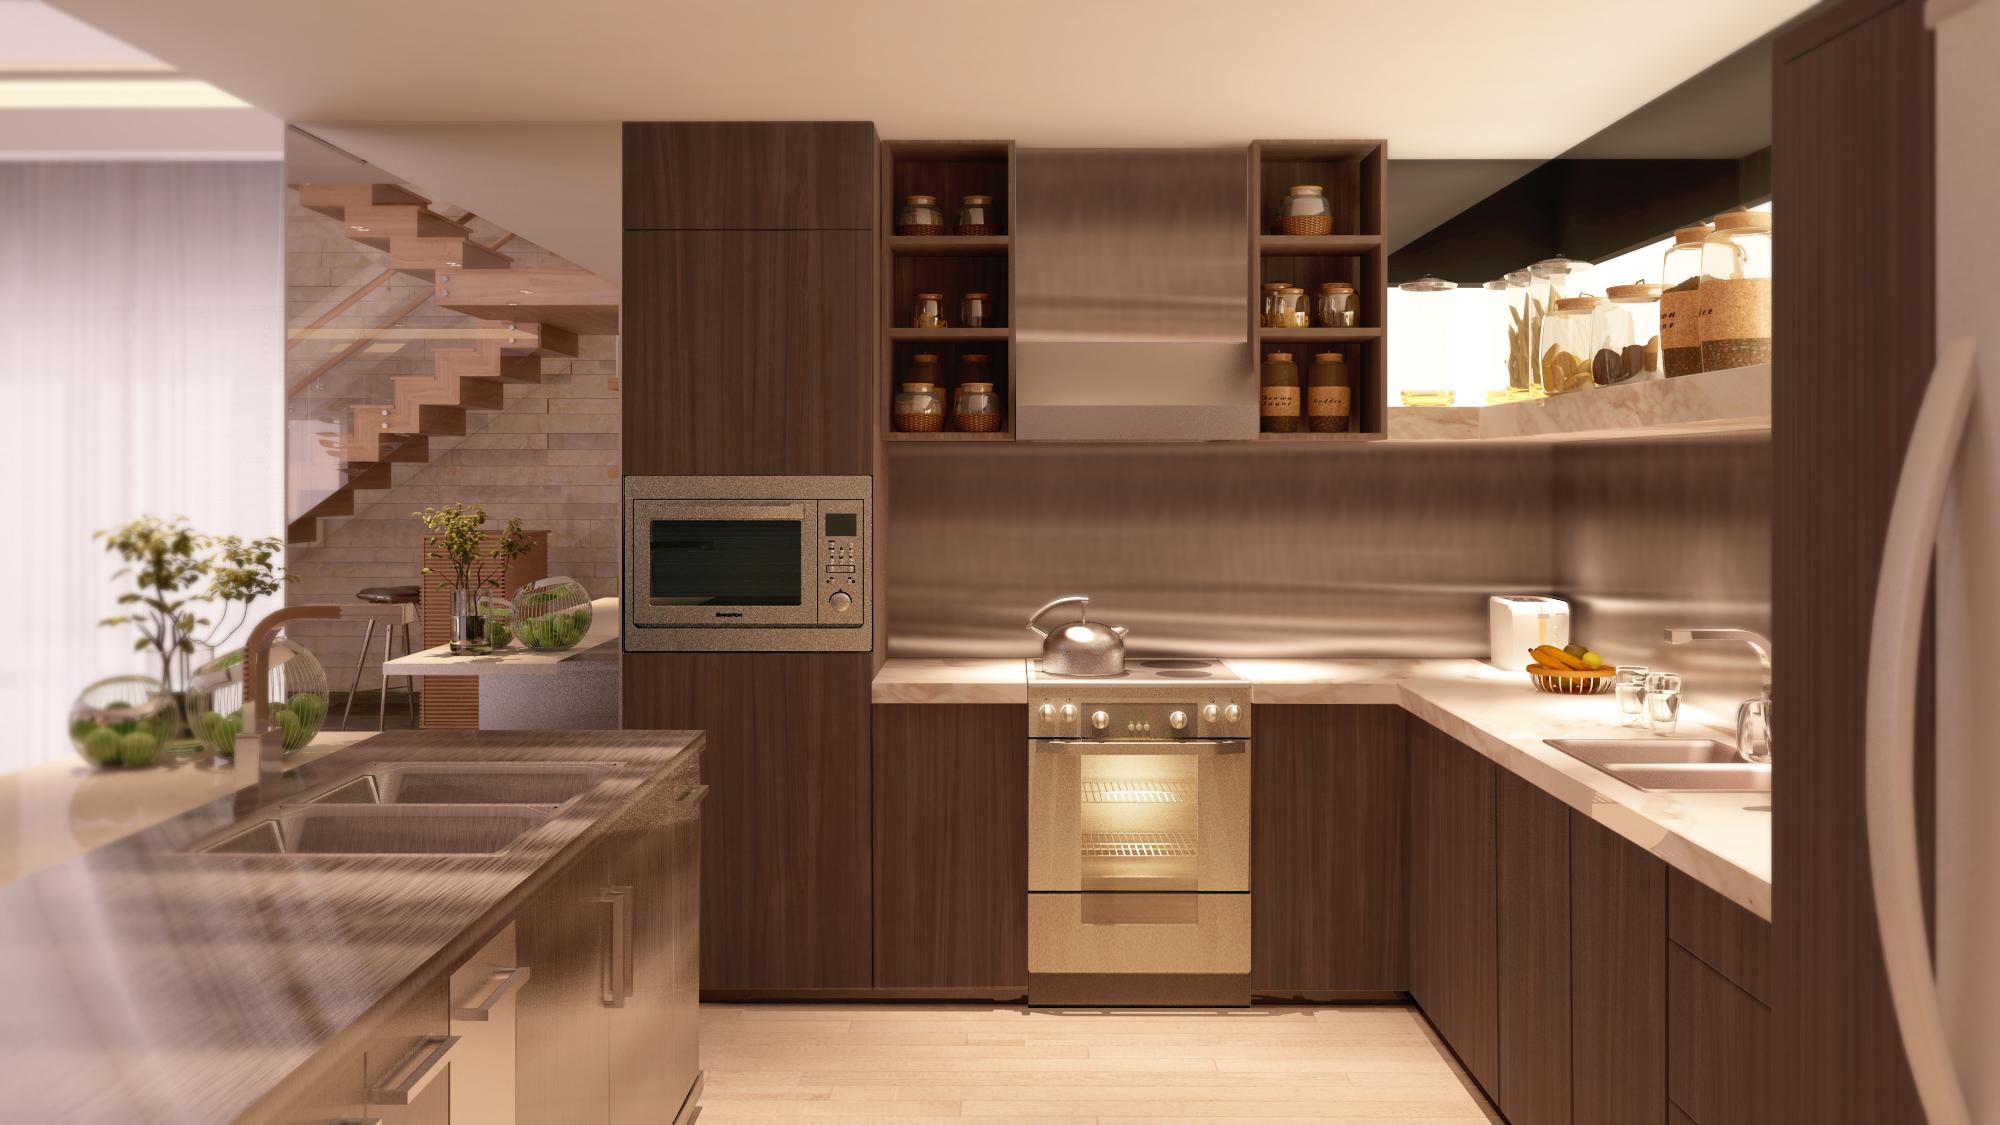 08-kitchen.jpg